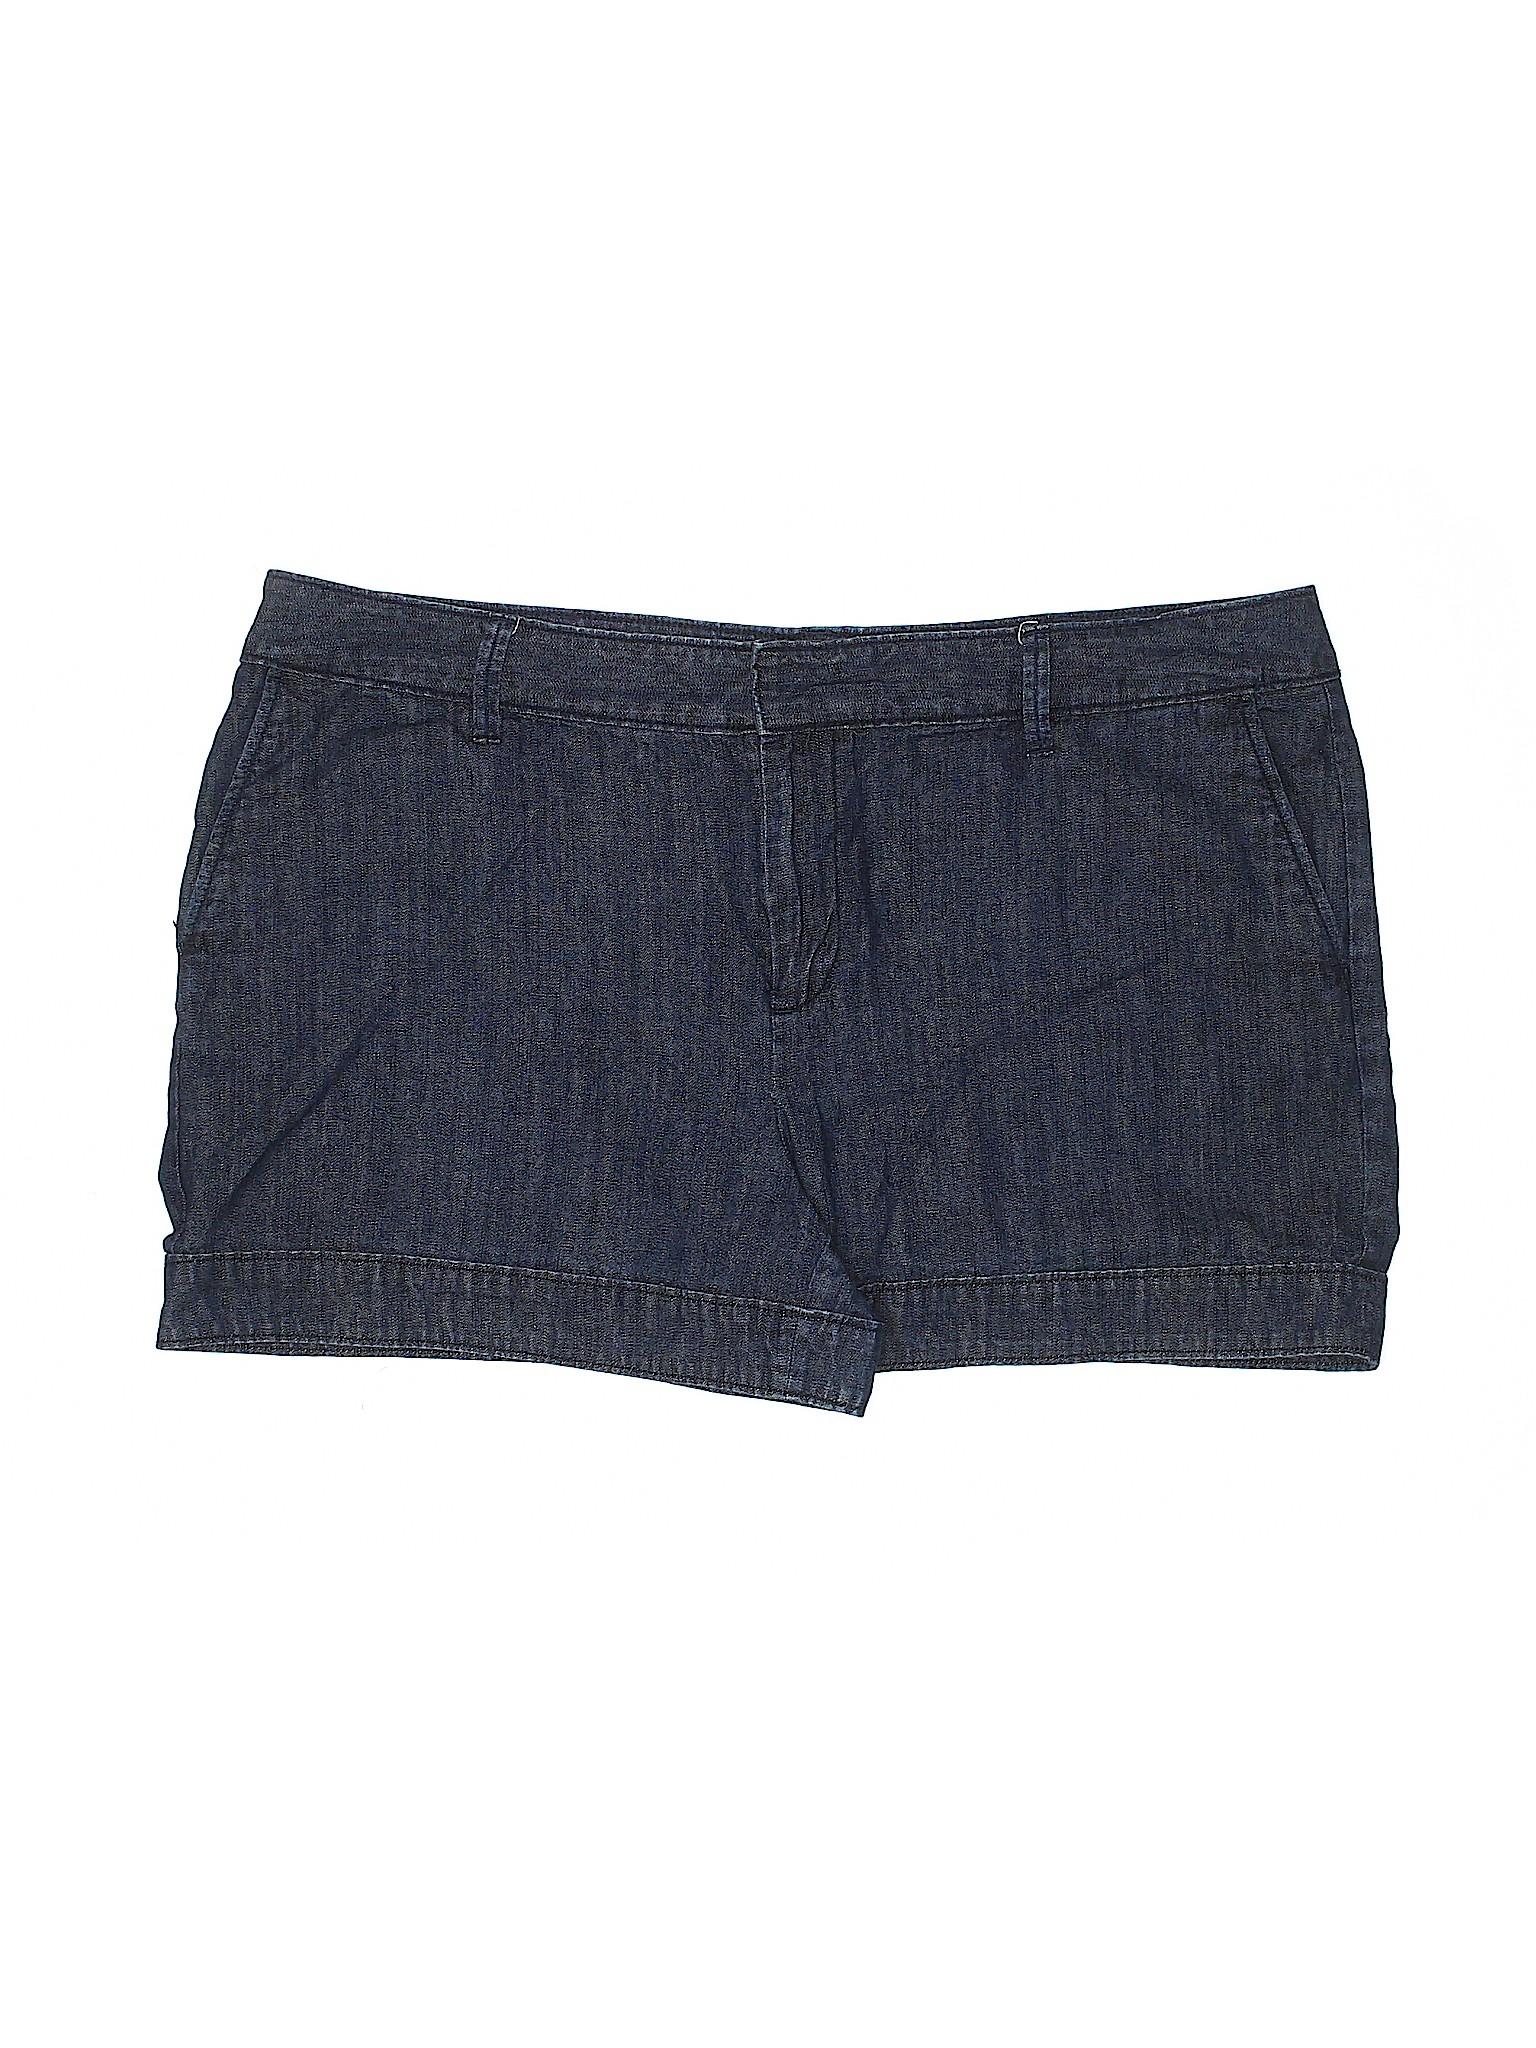 Gap Outlet Denim Boutique Shorts Boutique Gap Outlet qtFwvp